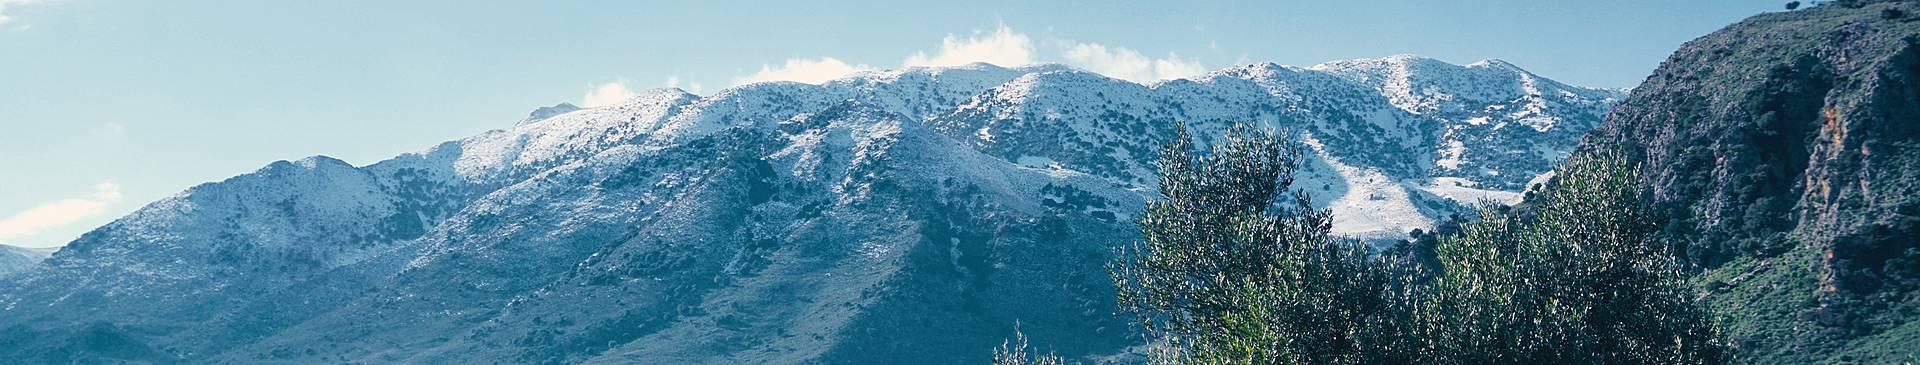 Viaggi a Creta in inverno